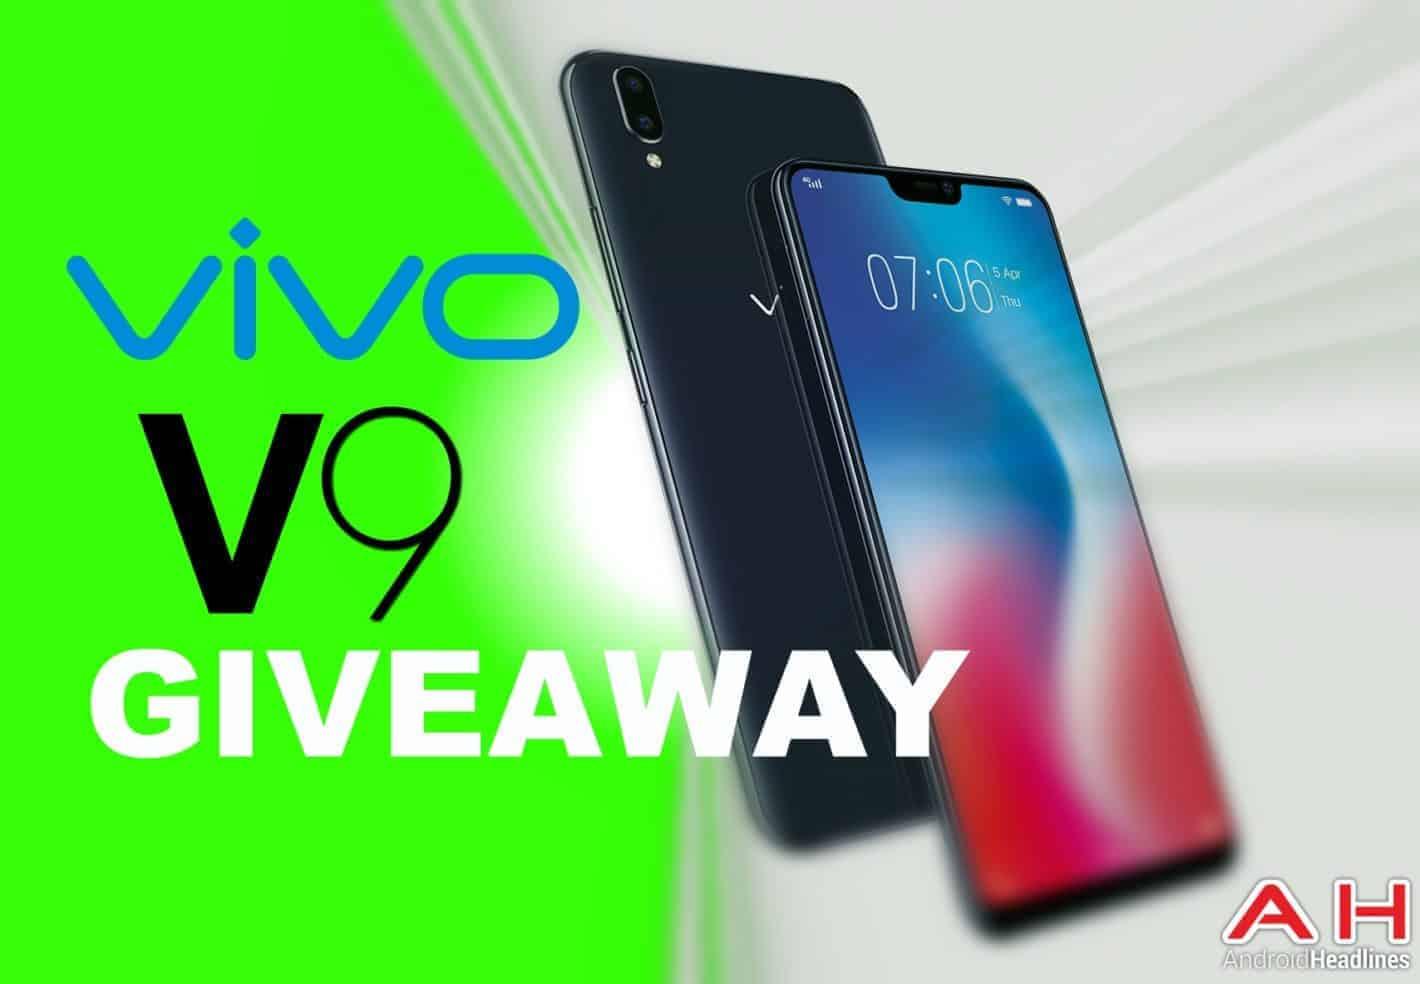 Vivo V9 Giveaway AH 01